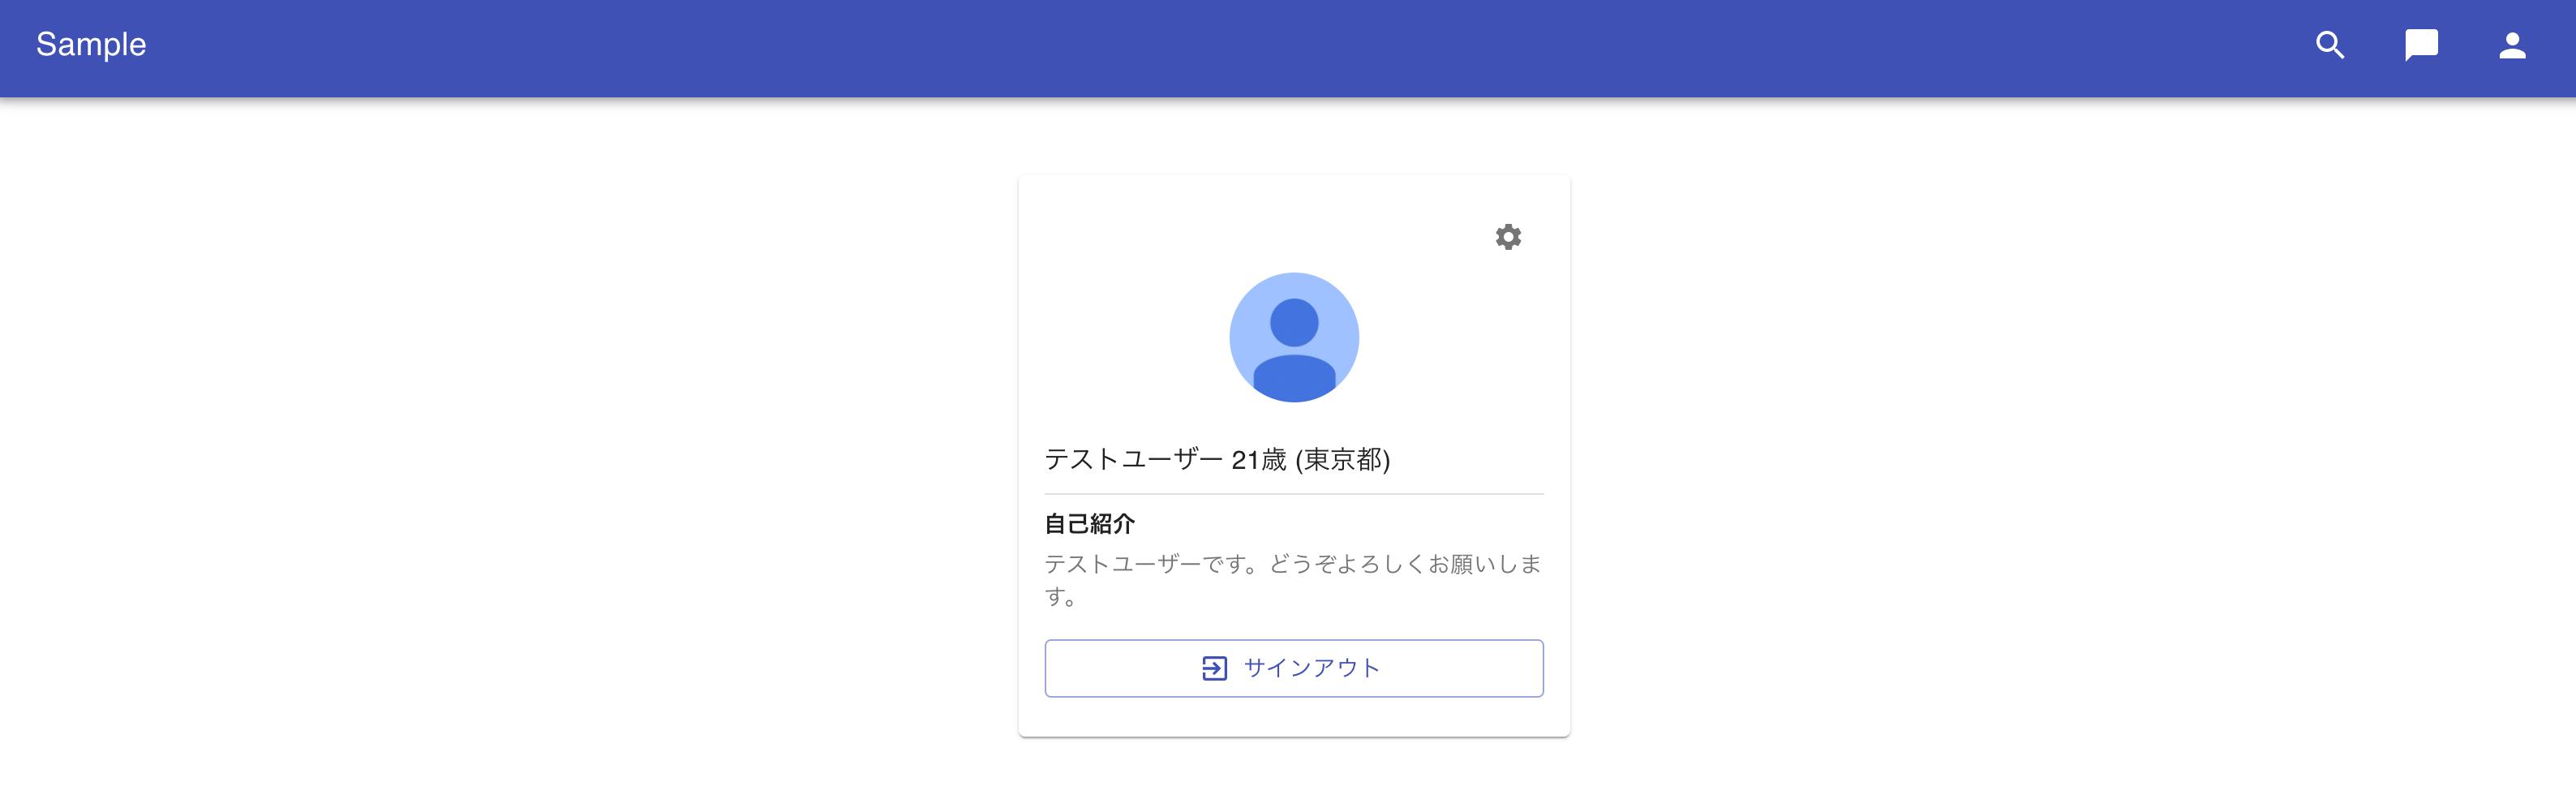 スクリーンショット 2021-06-10 1.31.53.png